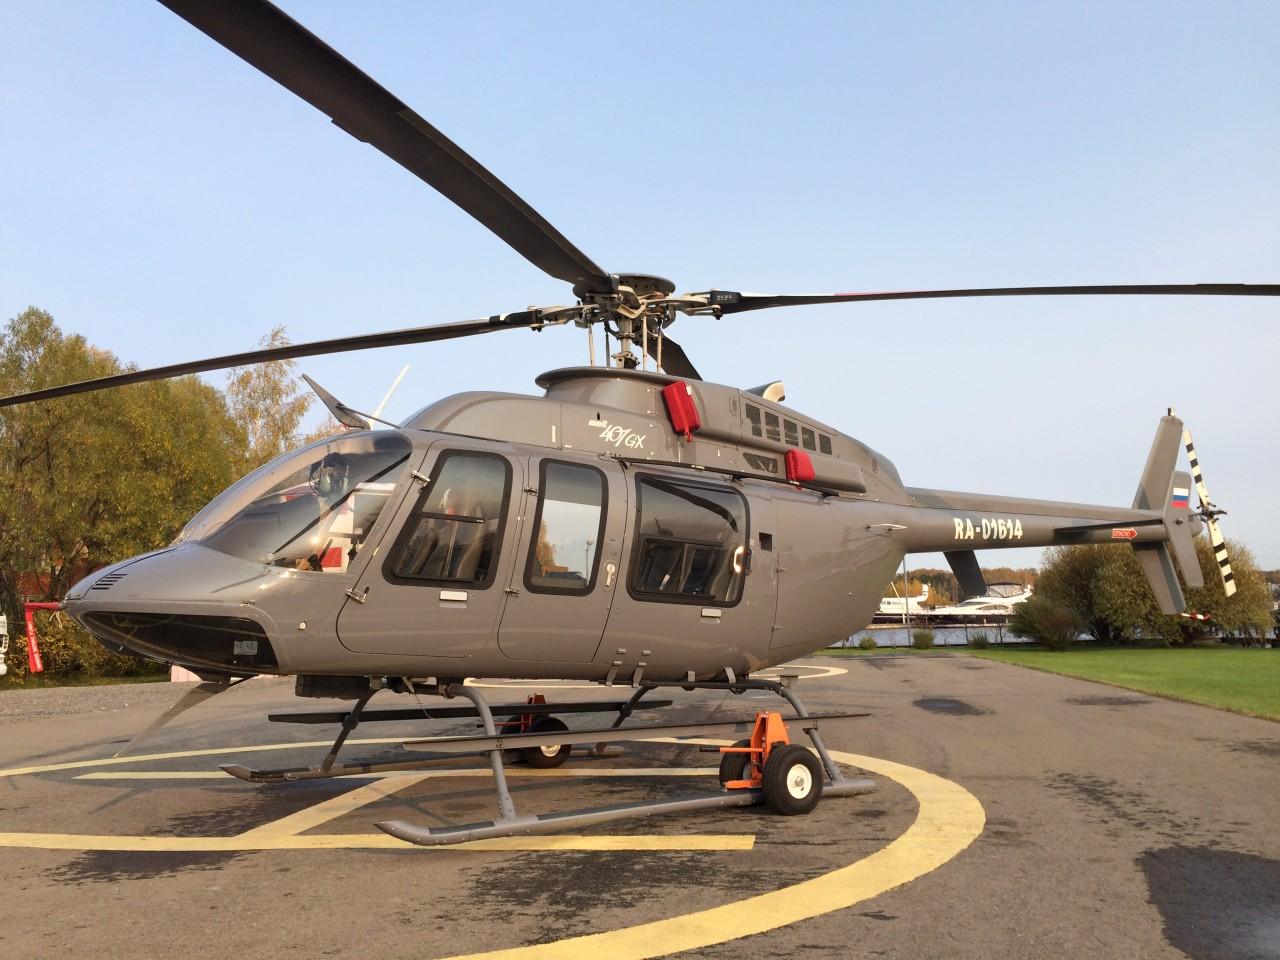 Купить вертолет цена на ресурсные вертолеты Bell Helicopter 407